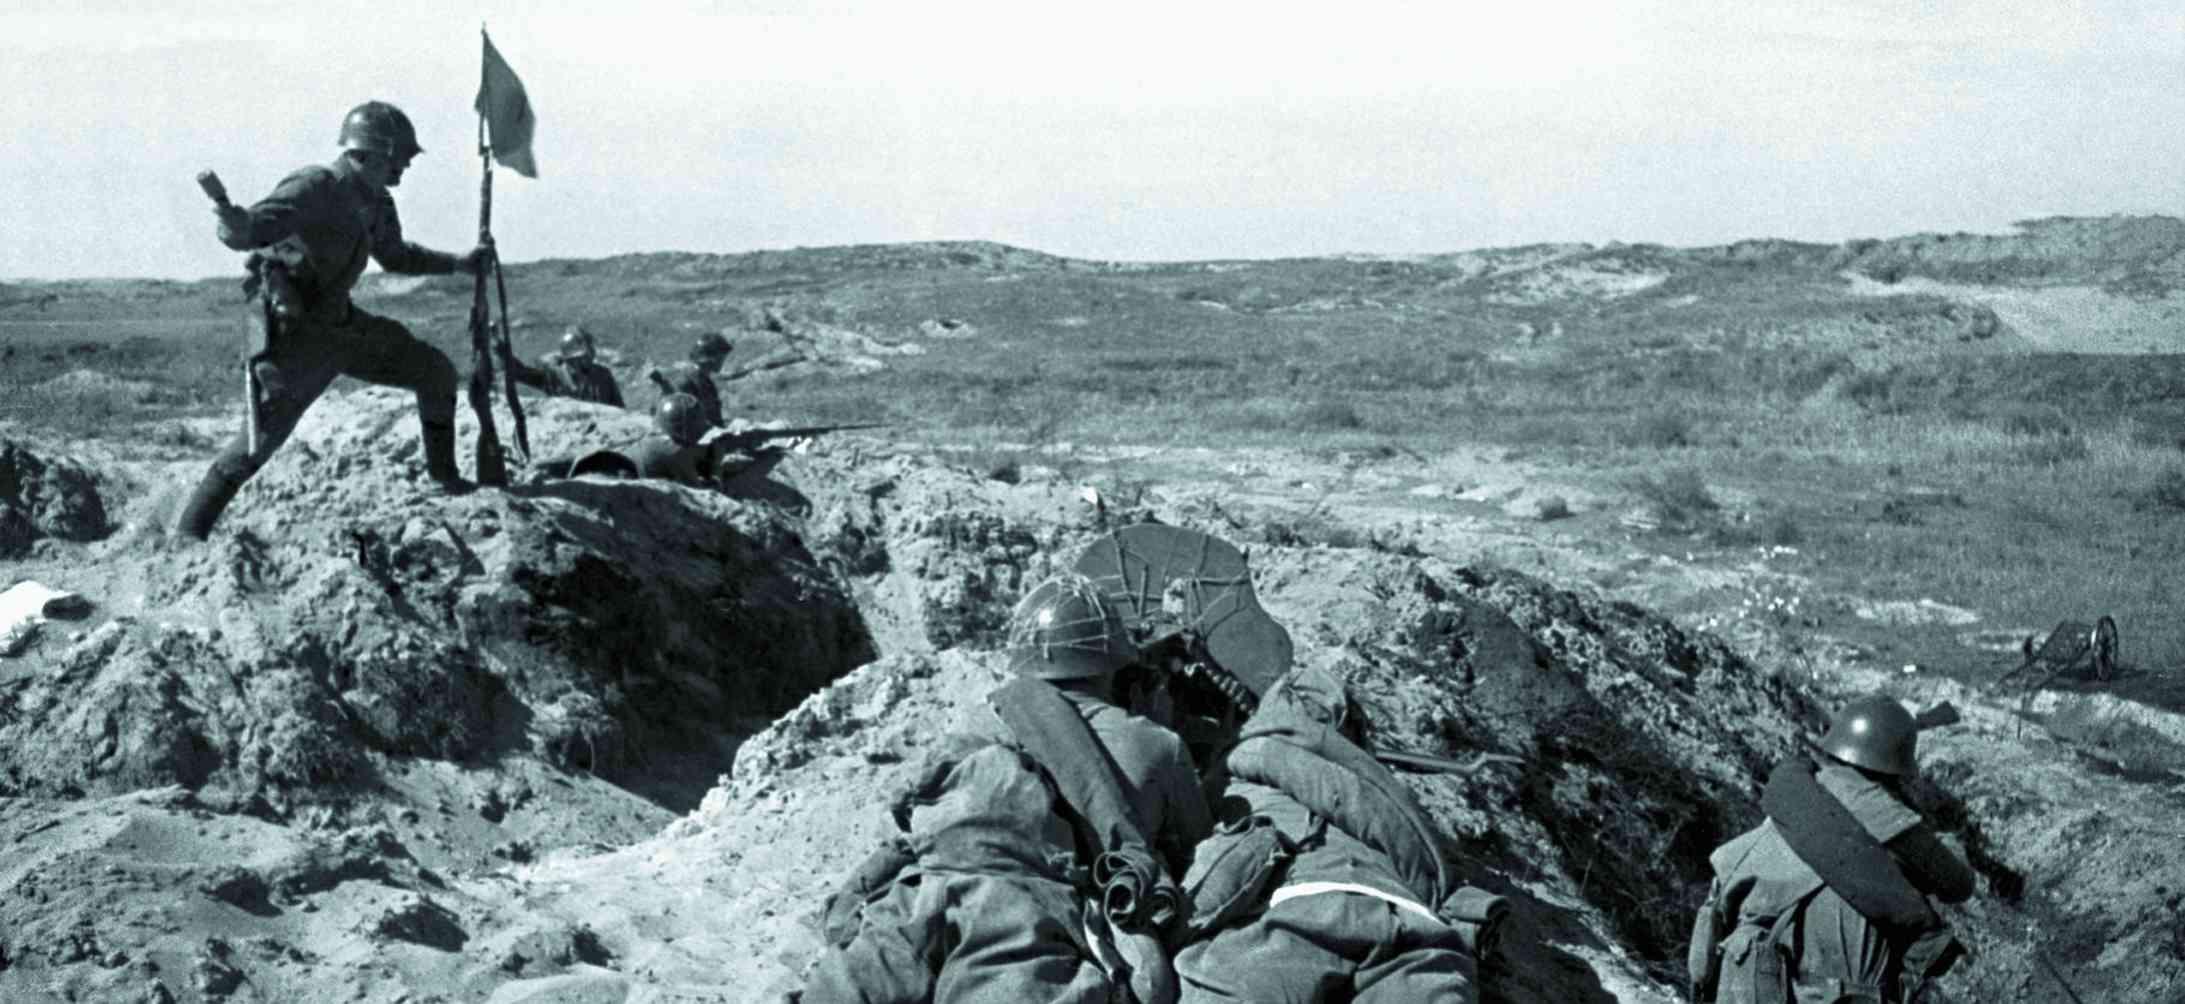 Сражение на реке халхин гол